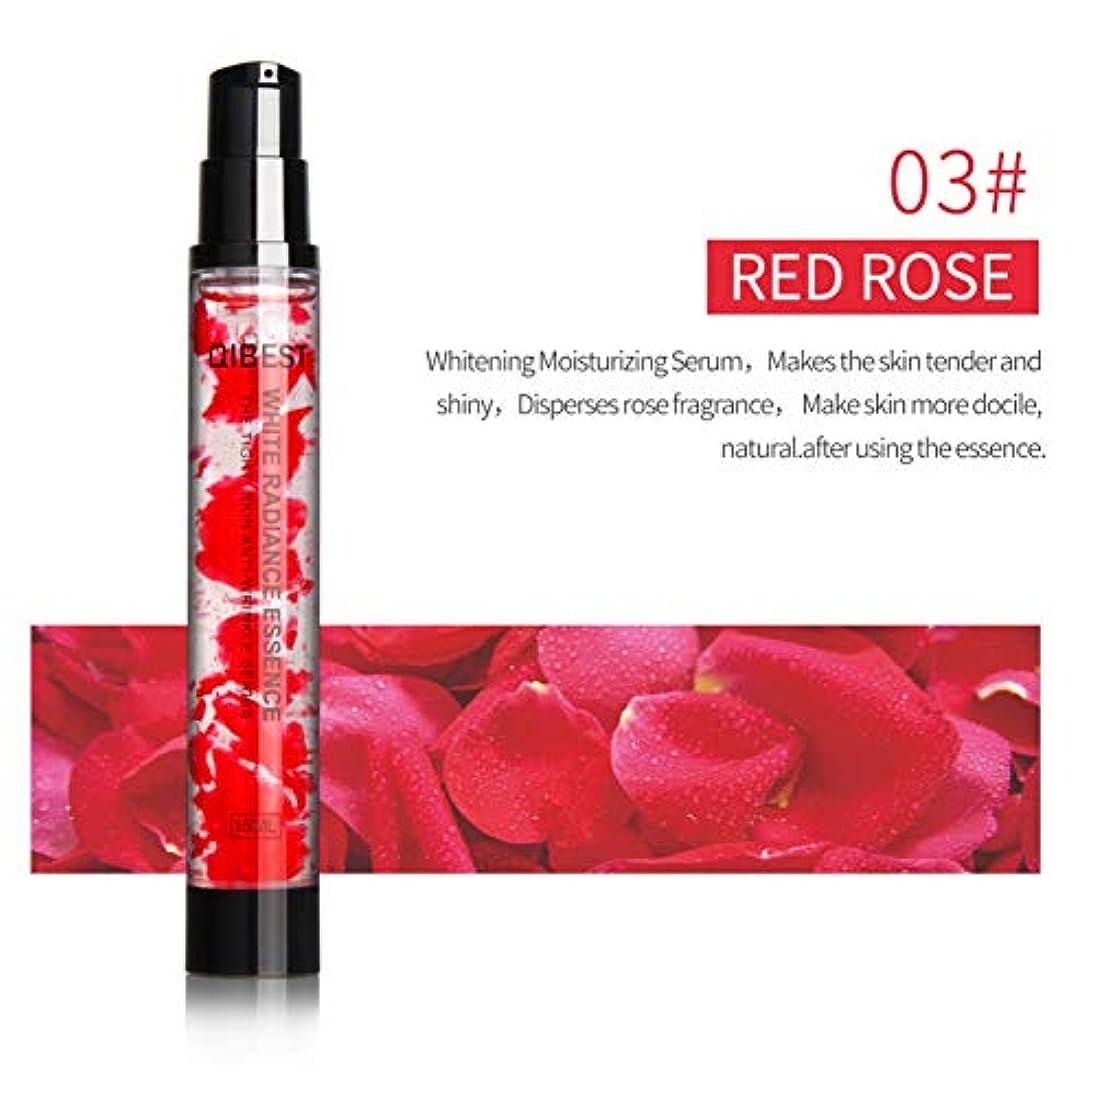 安心うなる体現するCutelove 美容液 セラム 保湿効果 肌を明るく、柔らかく ローズの香り 【レッド】